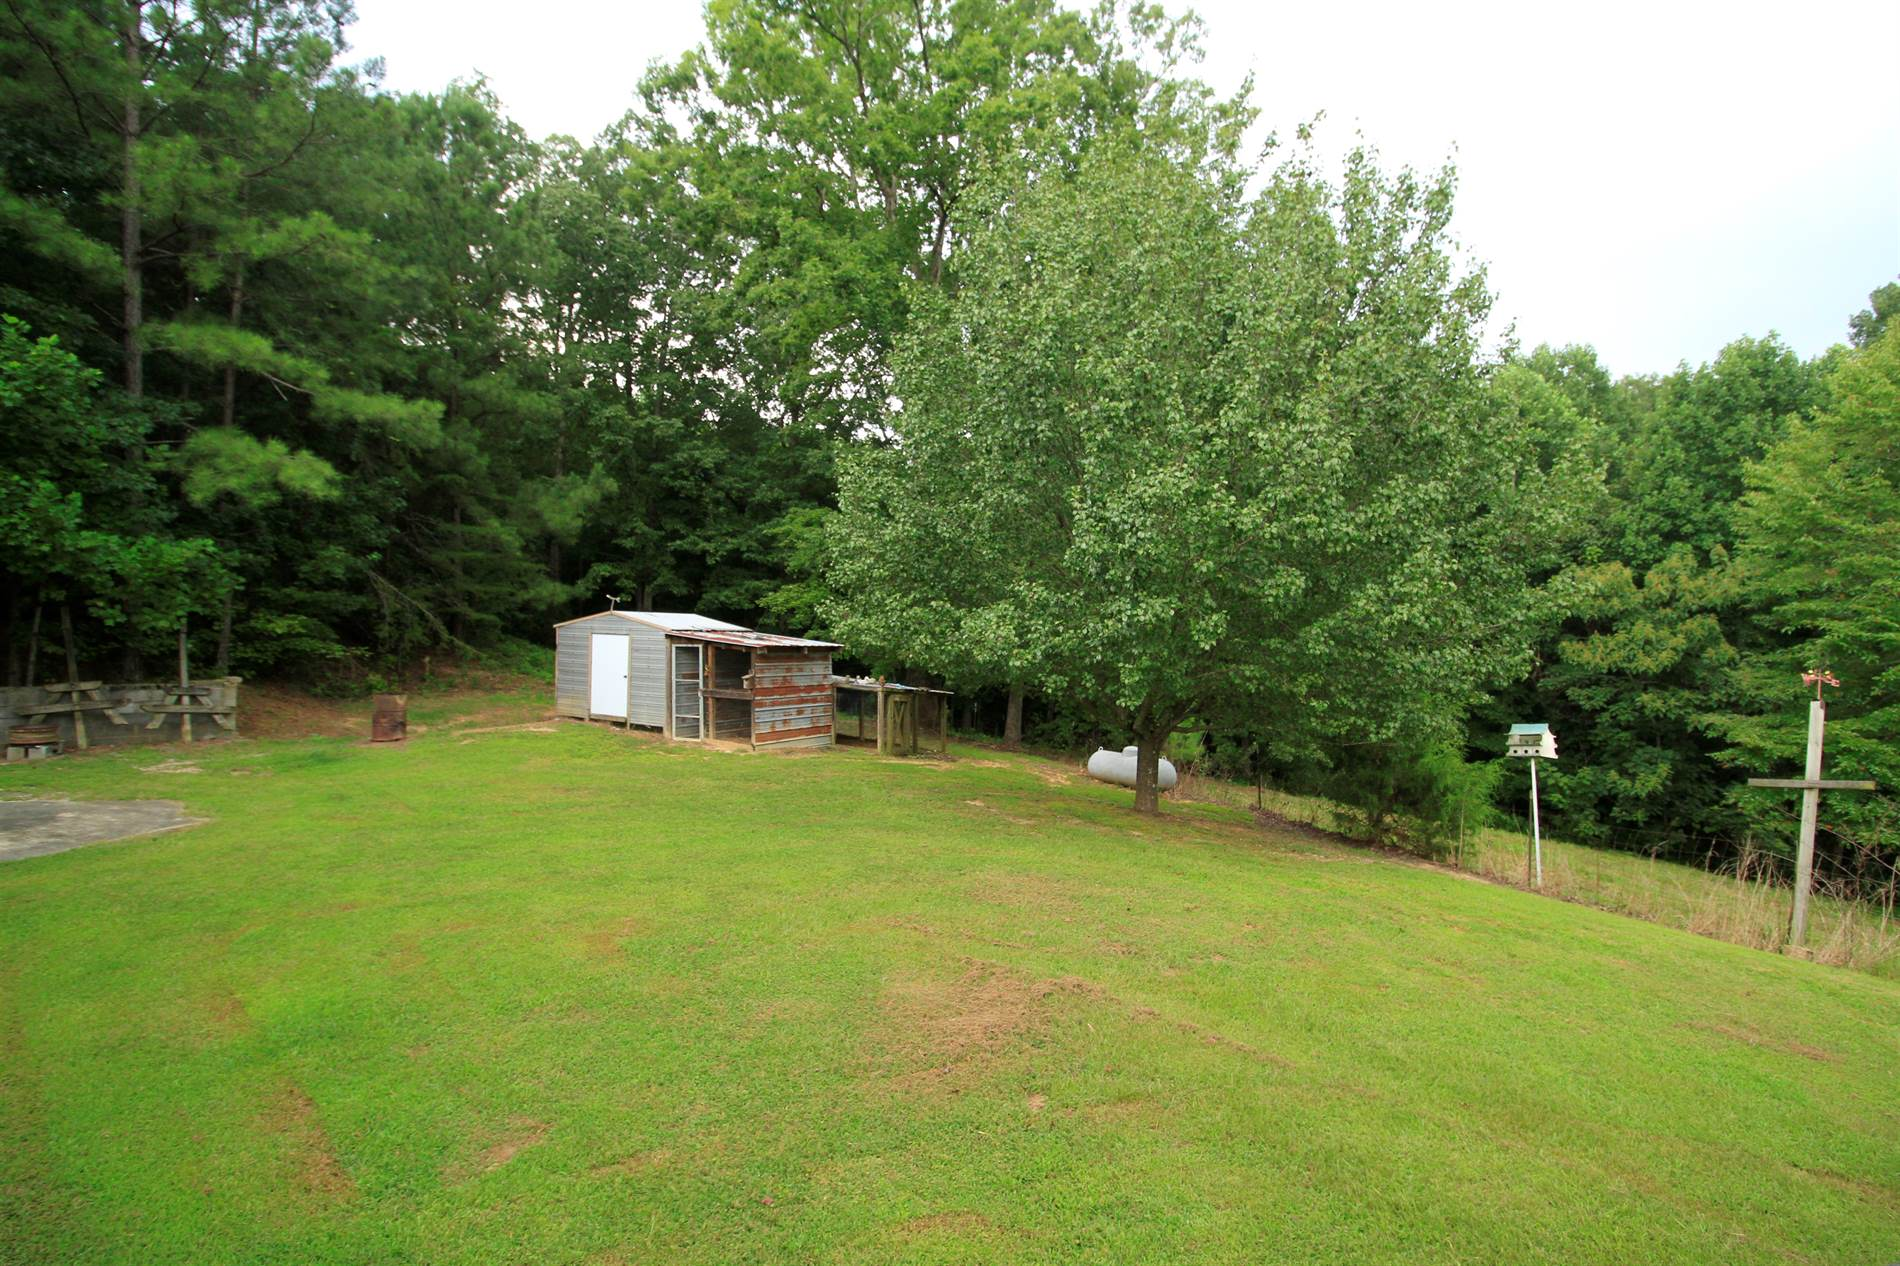 455 Powell Chapel Rd, Falkville, AL 35622